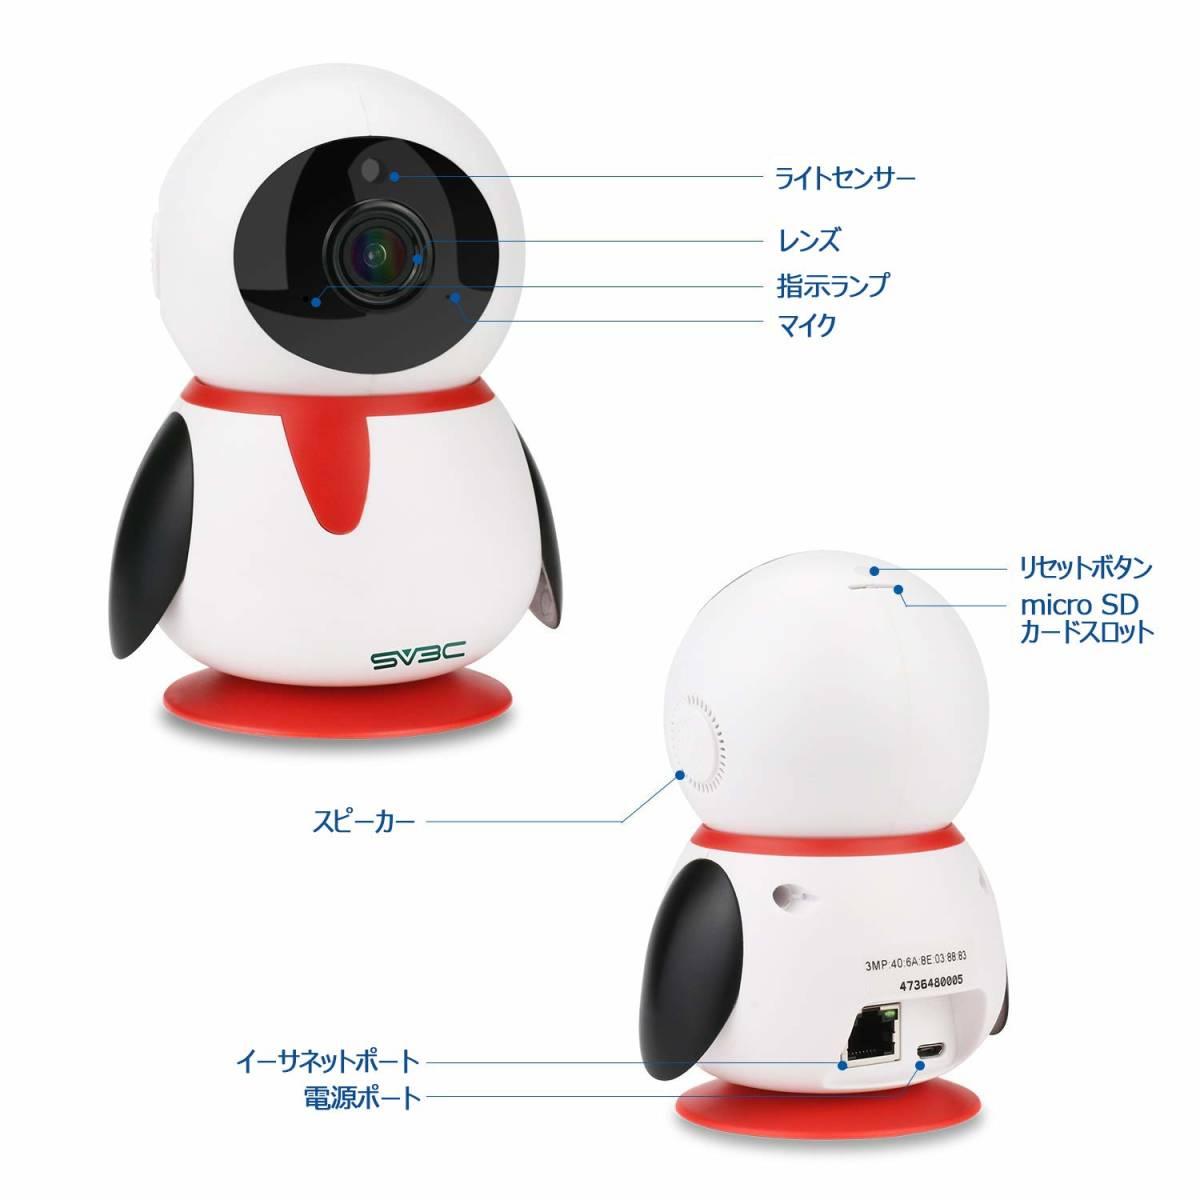 【新品未使用】ネットワークカメラ WiFi 1080P 200万画素 監視カメラ ipカメラ ベビーモニター 双方向音声 暗視機能 録画可能 技適認証済み_画像2